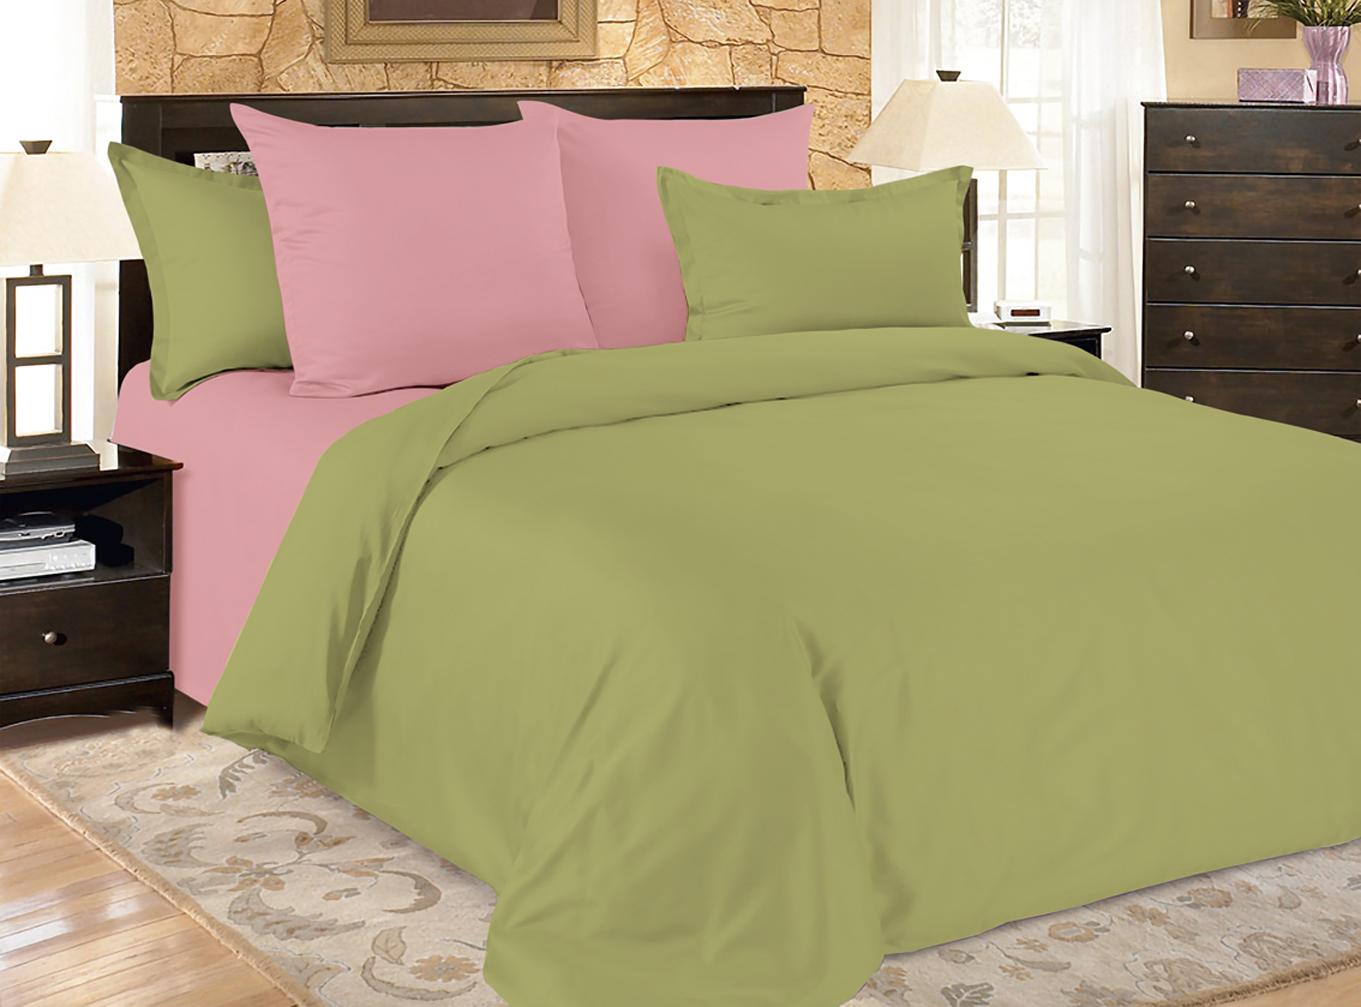 Купить Комплекты постельного белья Amore Mio, Постельное белье Malachite (2 спал.), Китай, Синтетический сатин